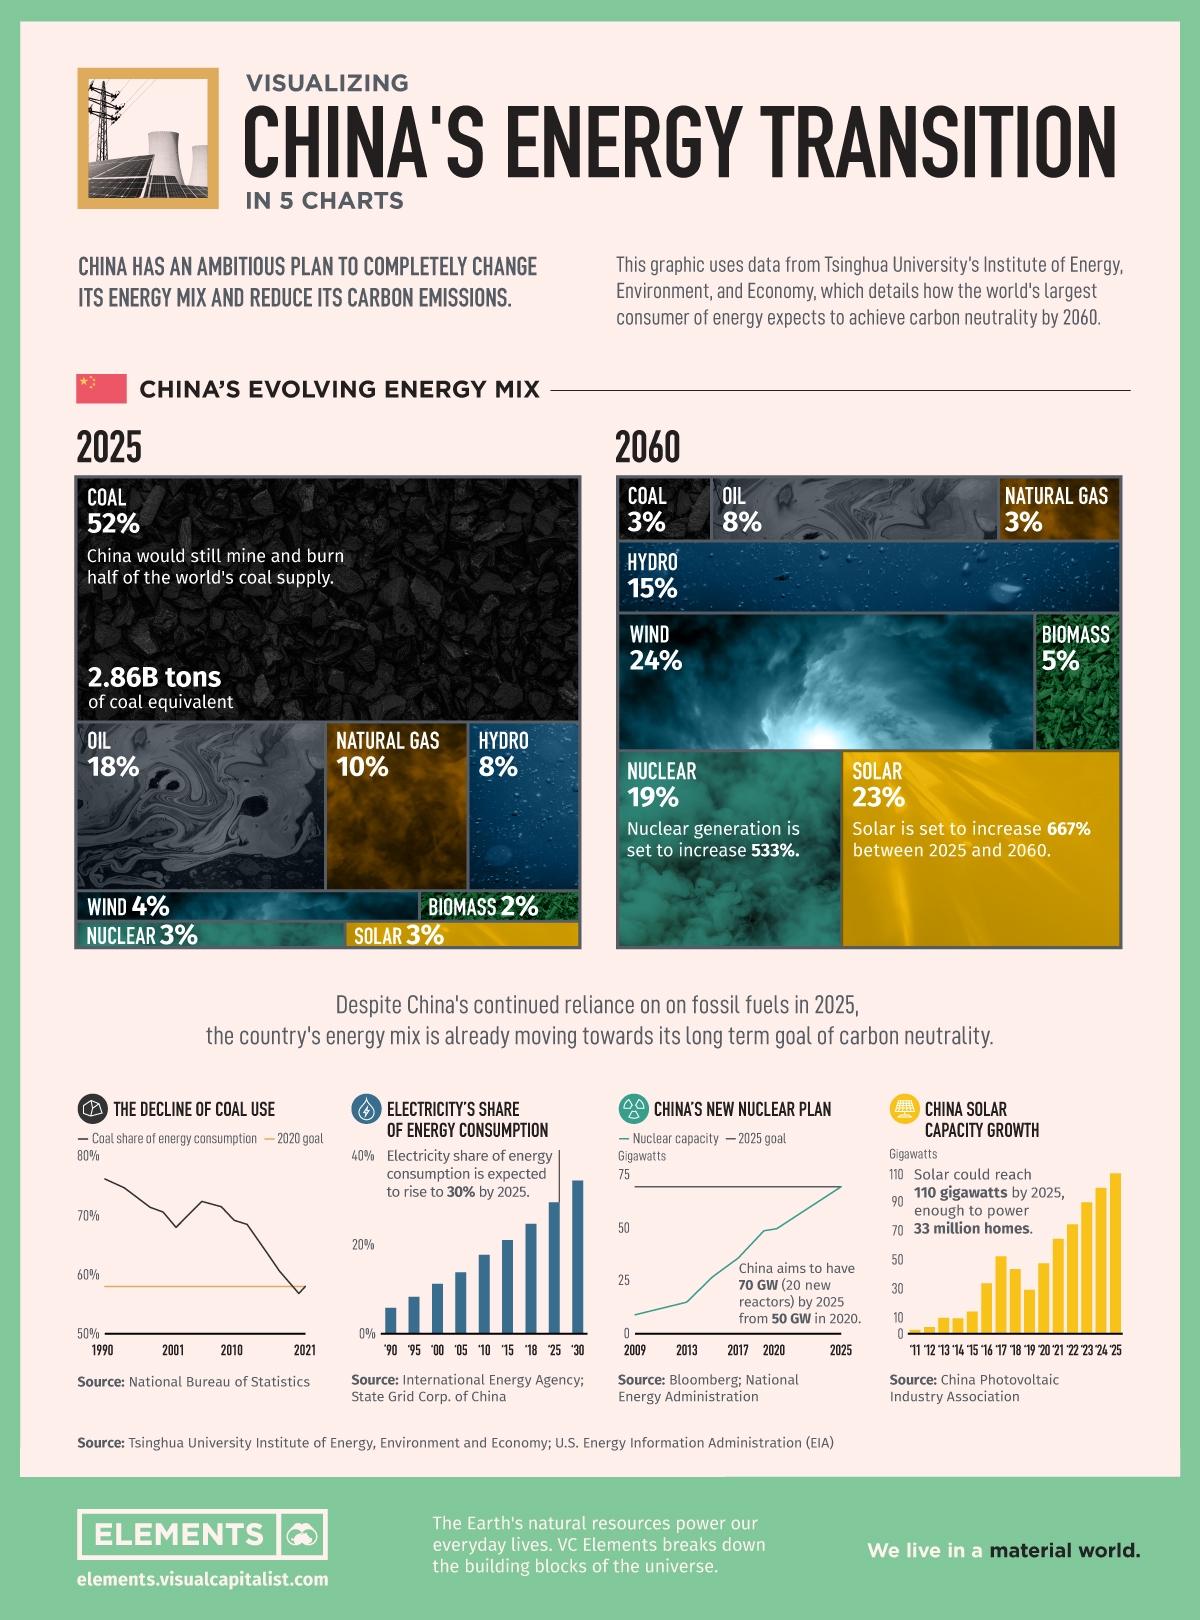 Các công ty dầu khí nhà nước Trung Quốc đang đối mặt với quá trình chuyển đổi năng lượng